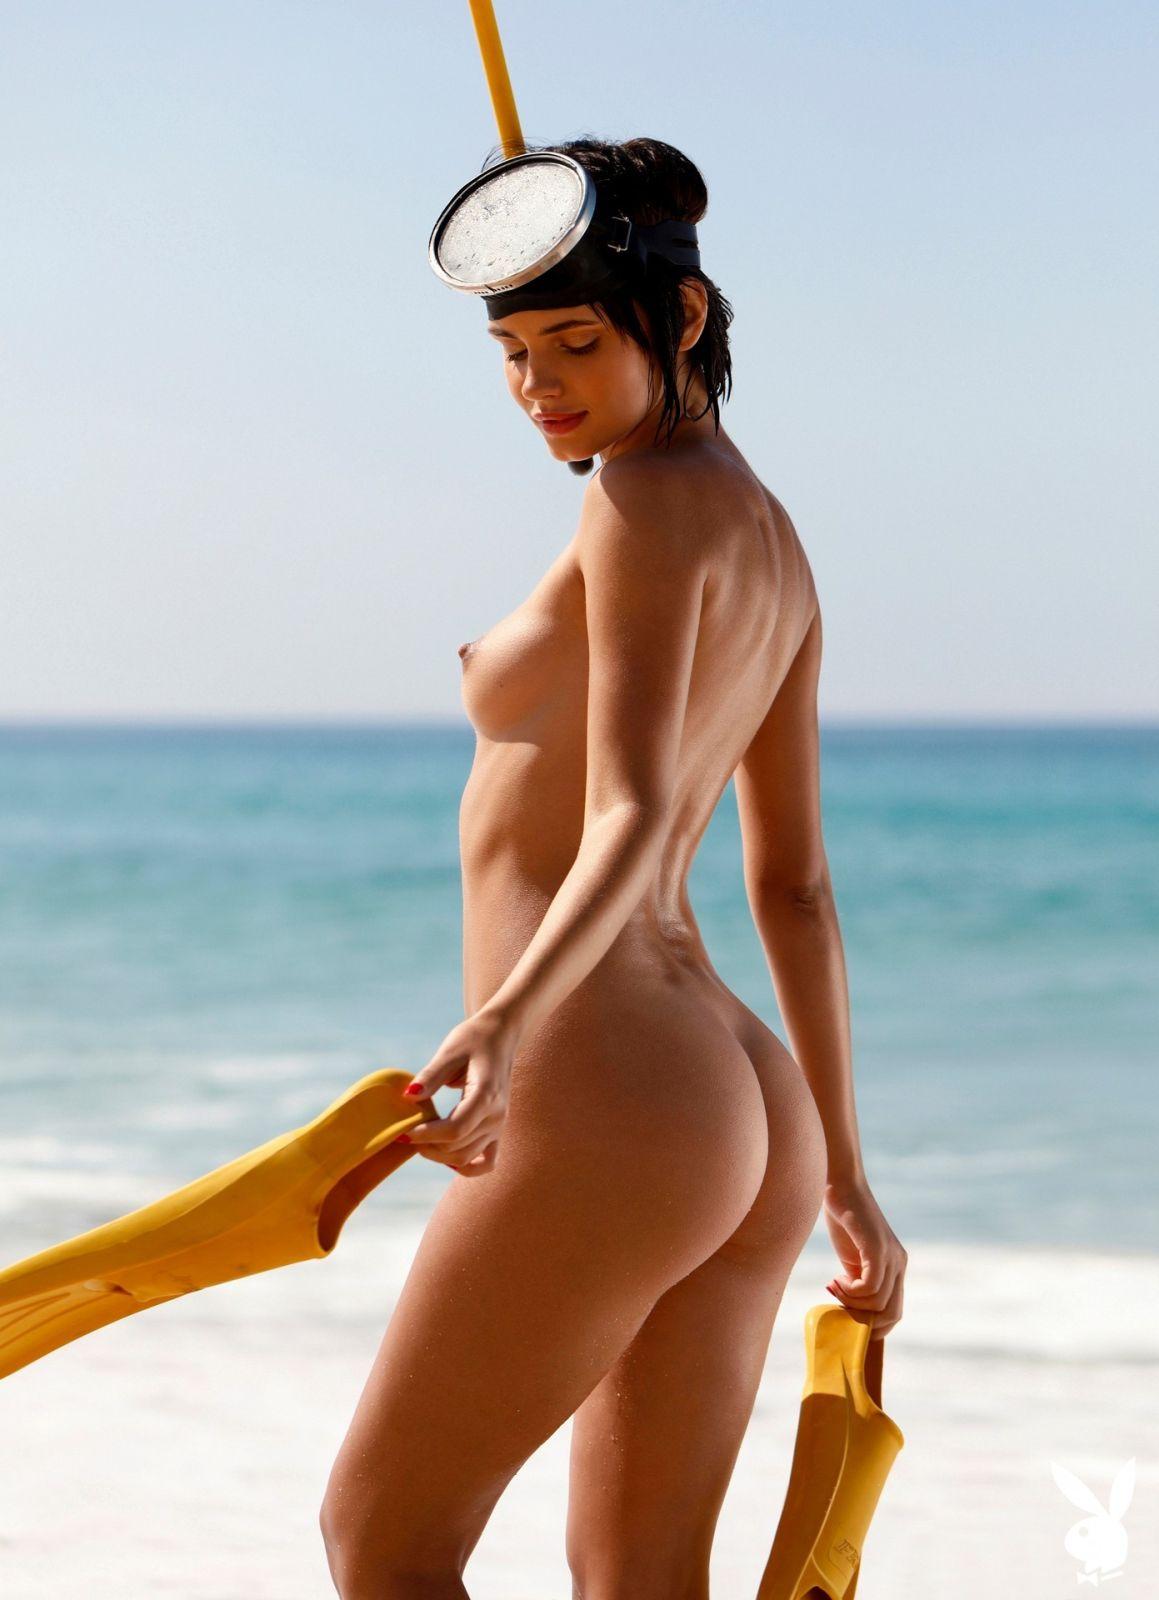 Leanna decker nude photos